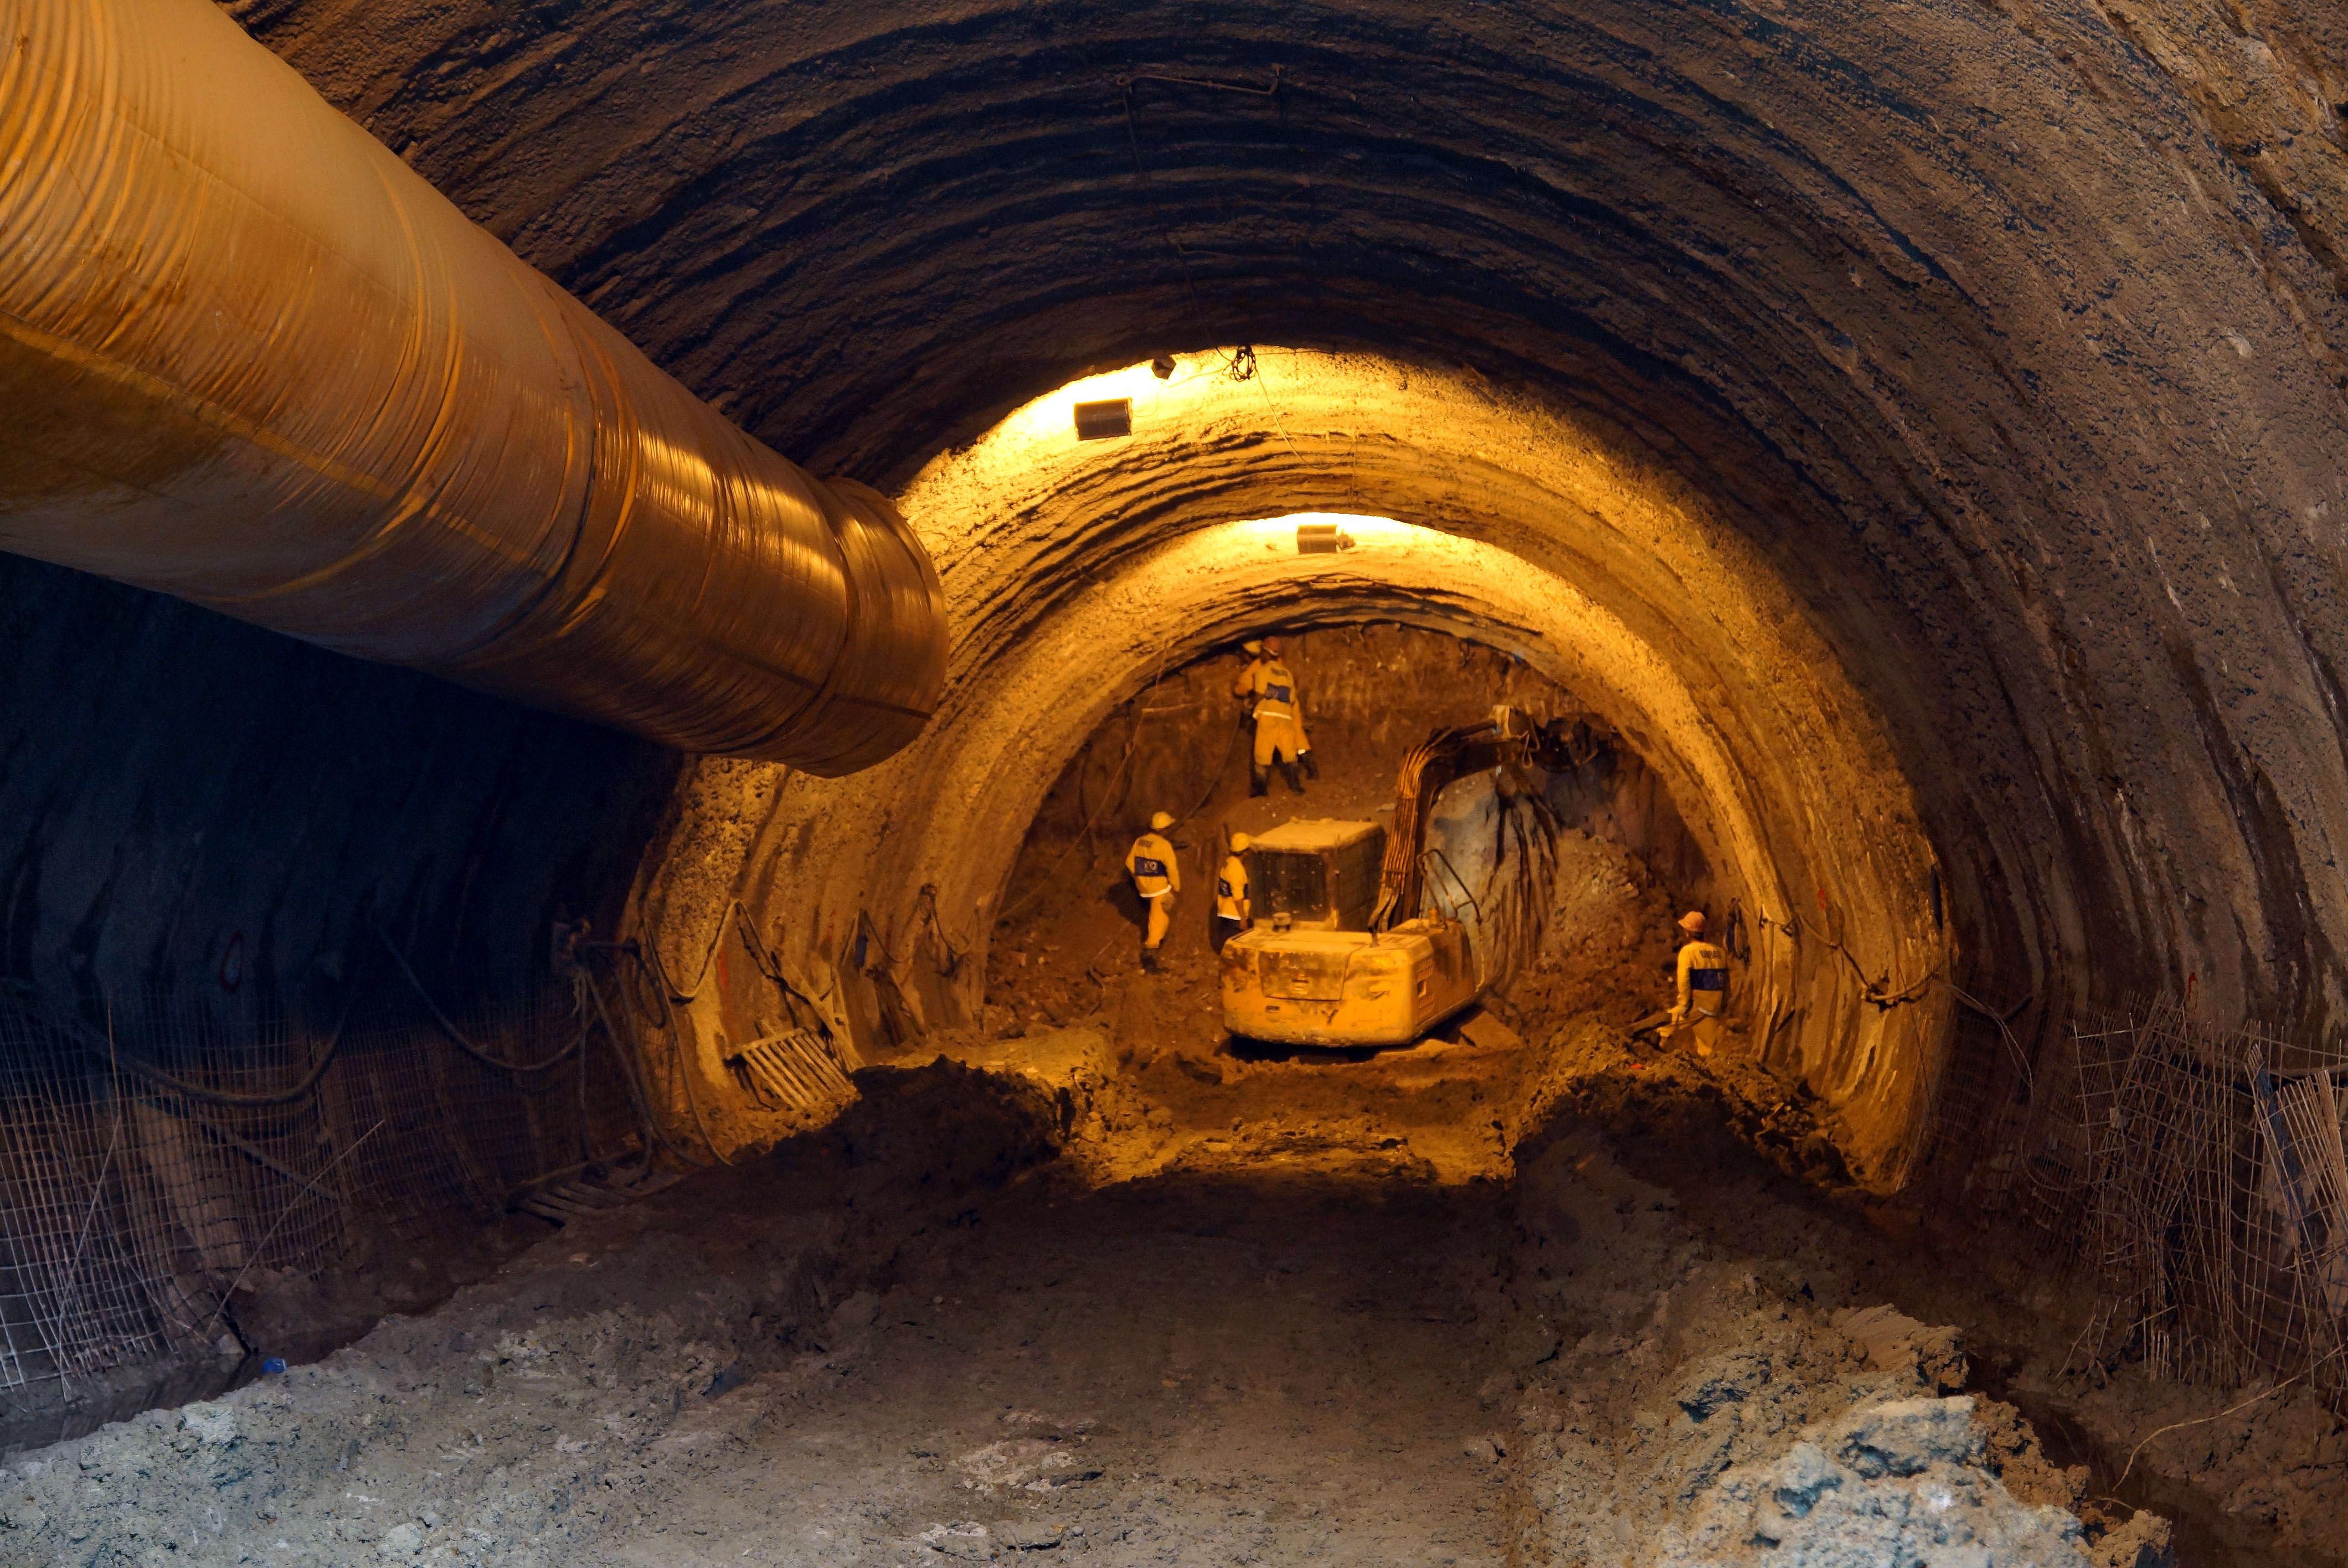 Alongamento do rio Joana até a Baía de Guanabara: obra subterrânea está com as escavações adiantadas.